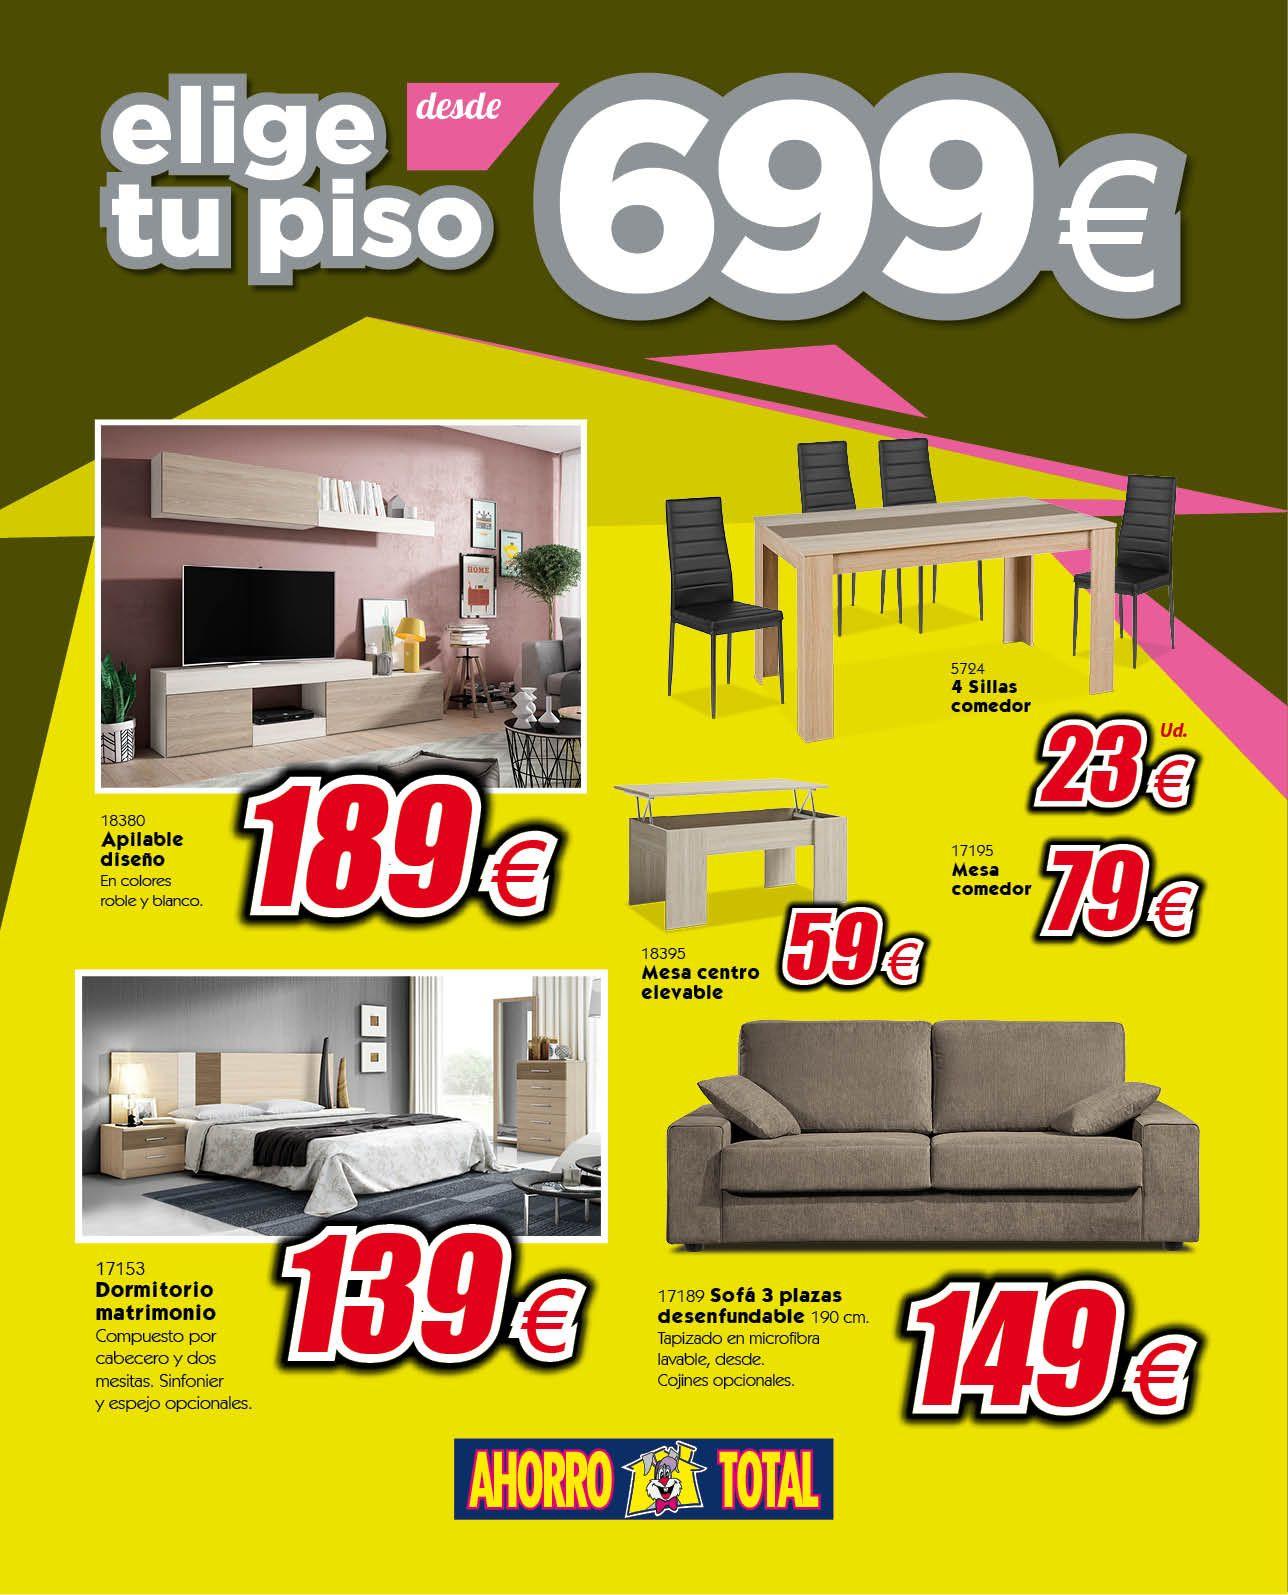 547b7a838 pisos desde 699€